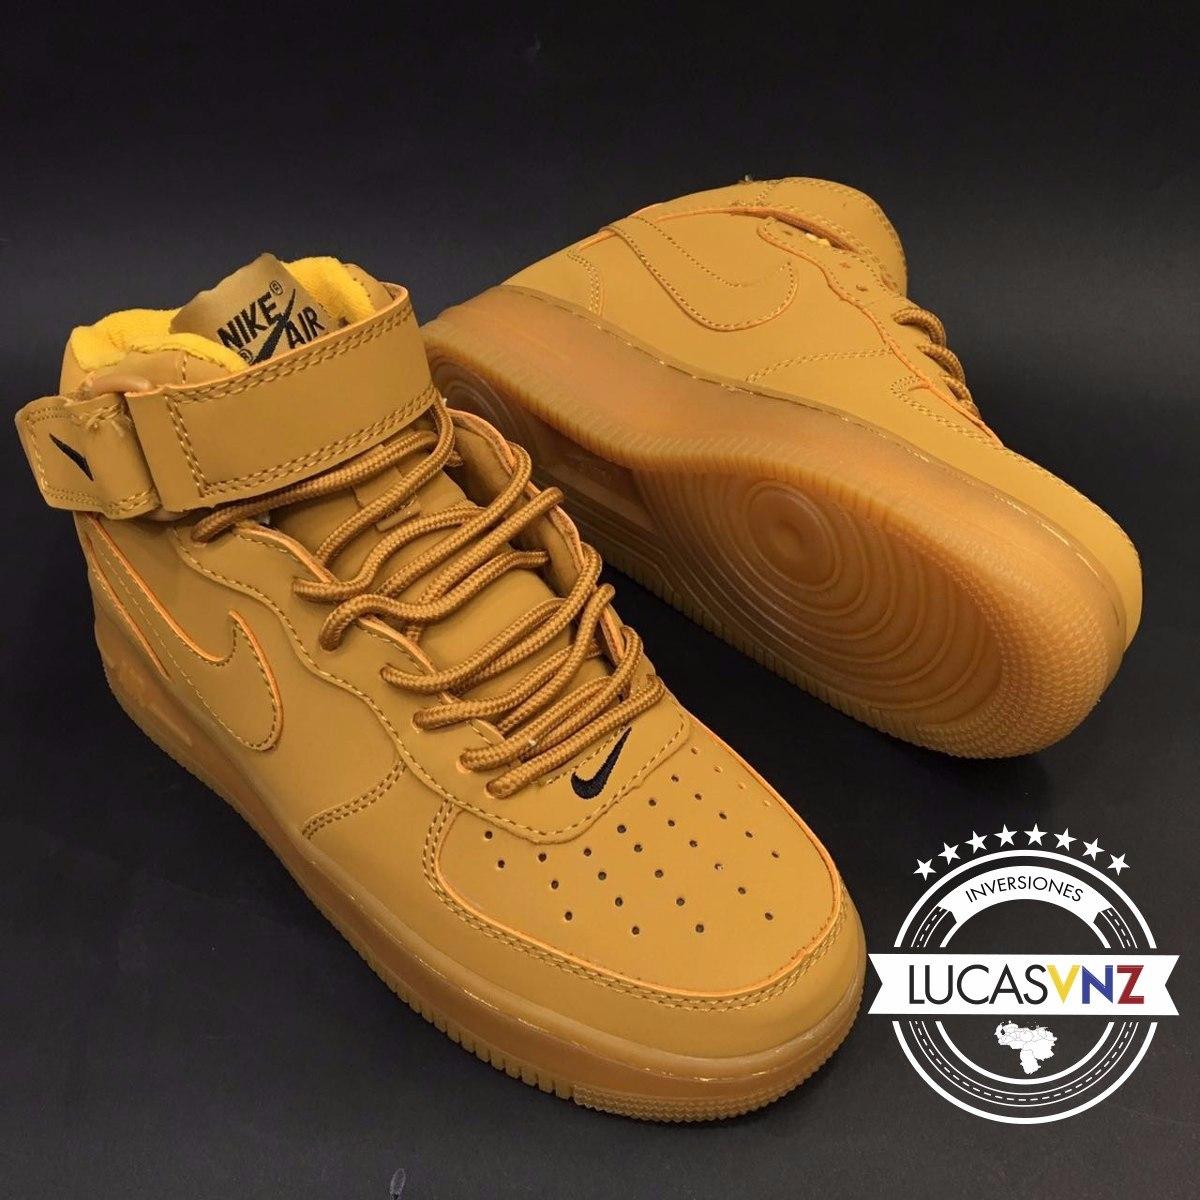 45 Zapatos Force 35 Bs Bajo Y 1 Nike Al Botas 05 One Corte Talla nH5pnZvx